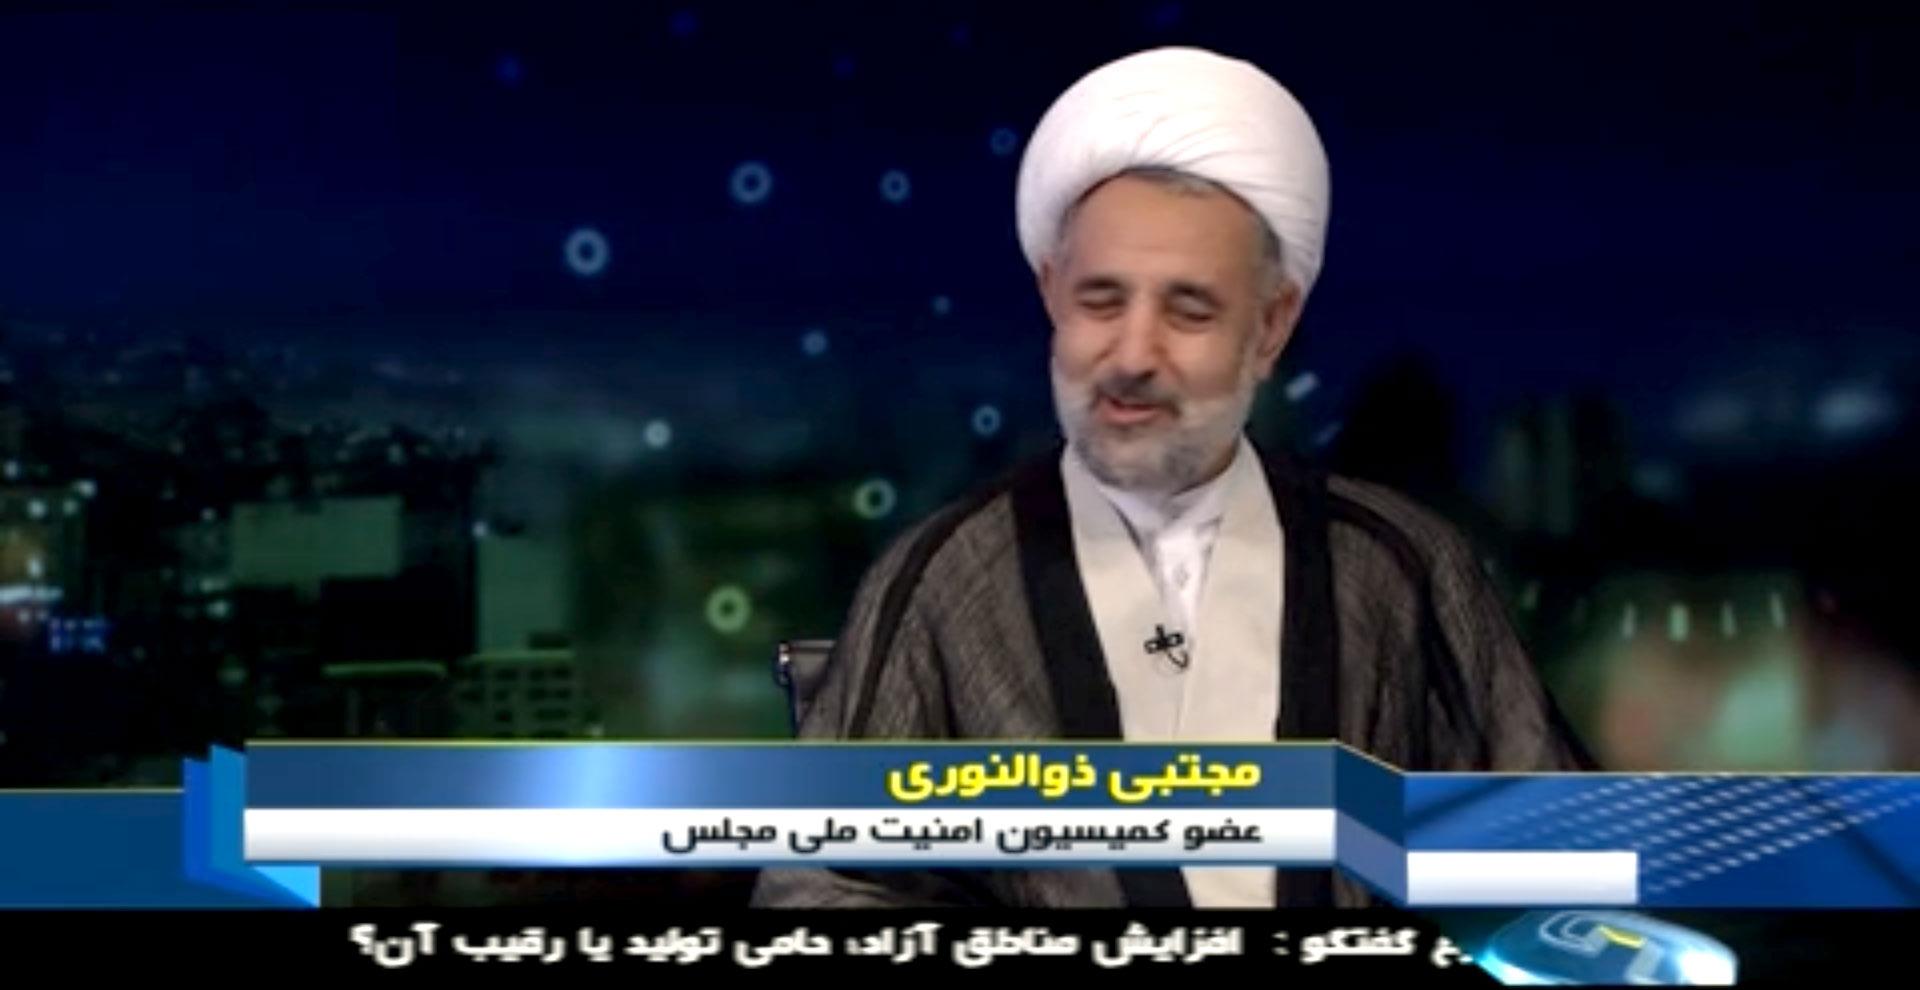 دروغ بودن خبر ذوالنور چگونه لو رفت؛ بزرگترین کارخانه نساجی ایران در منطقه آزاد ارس فعال است